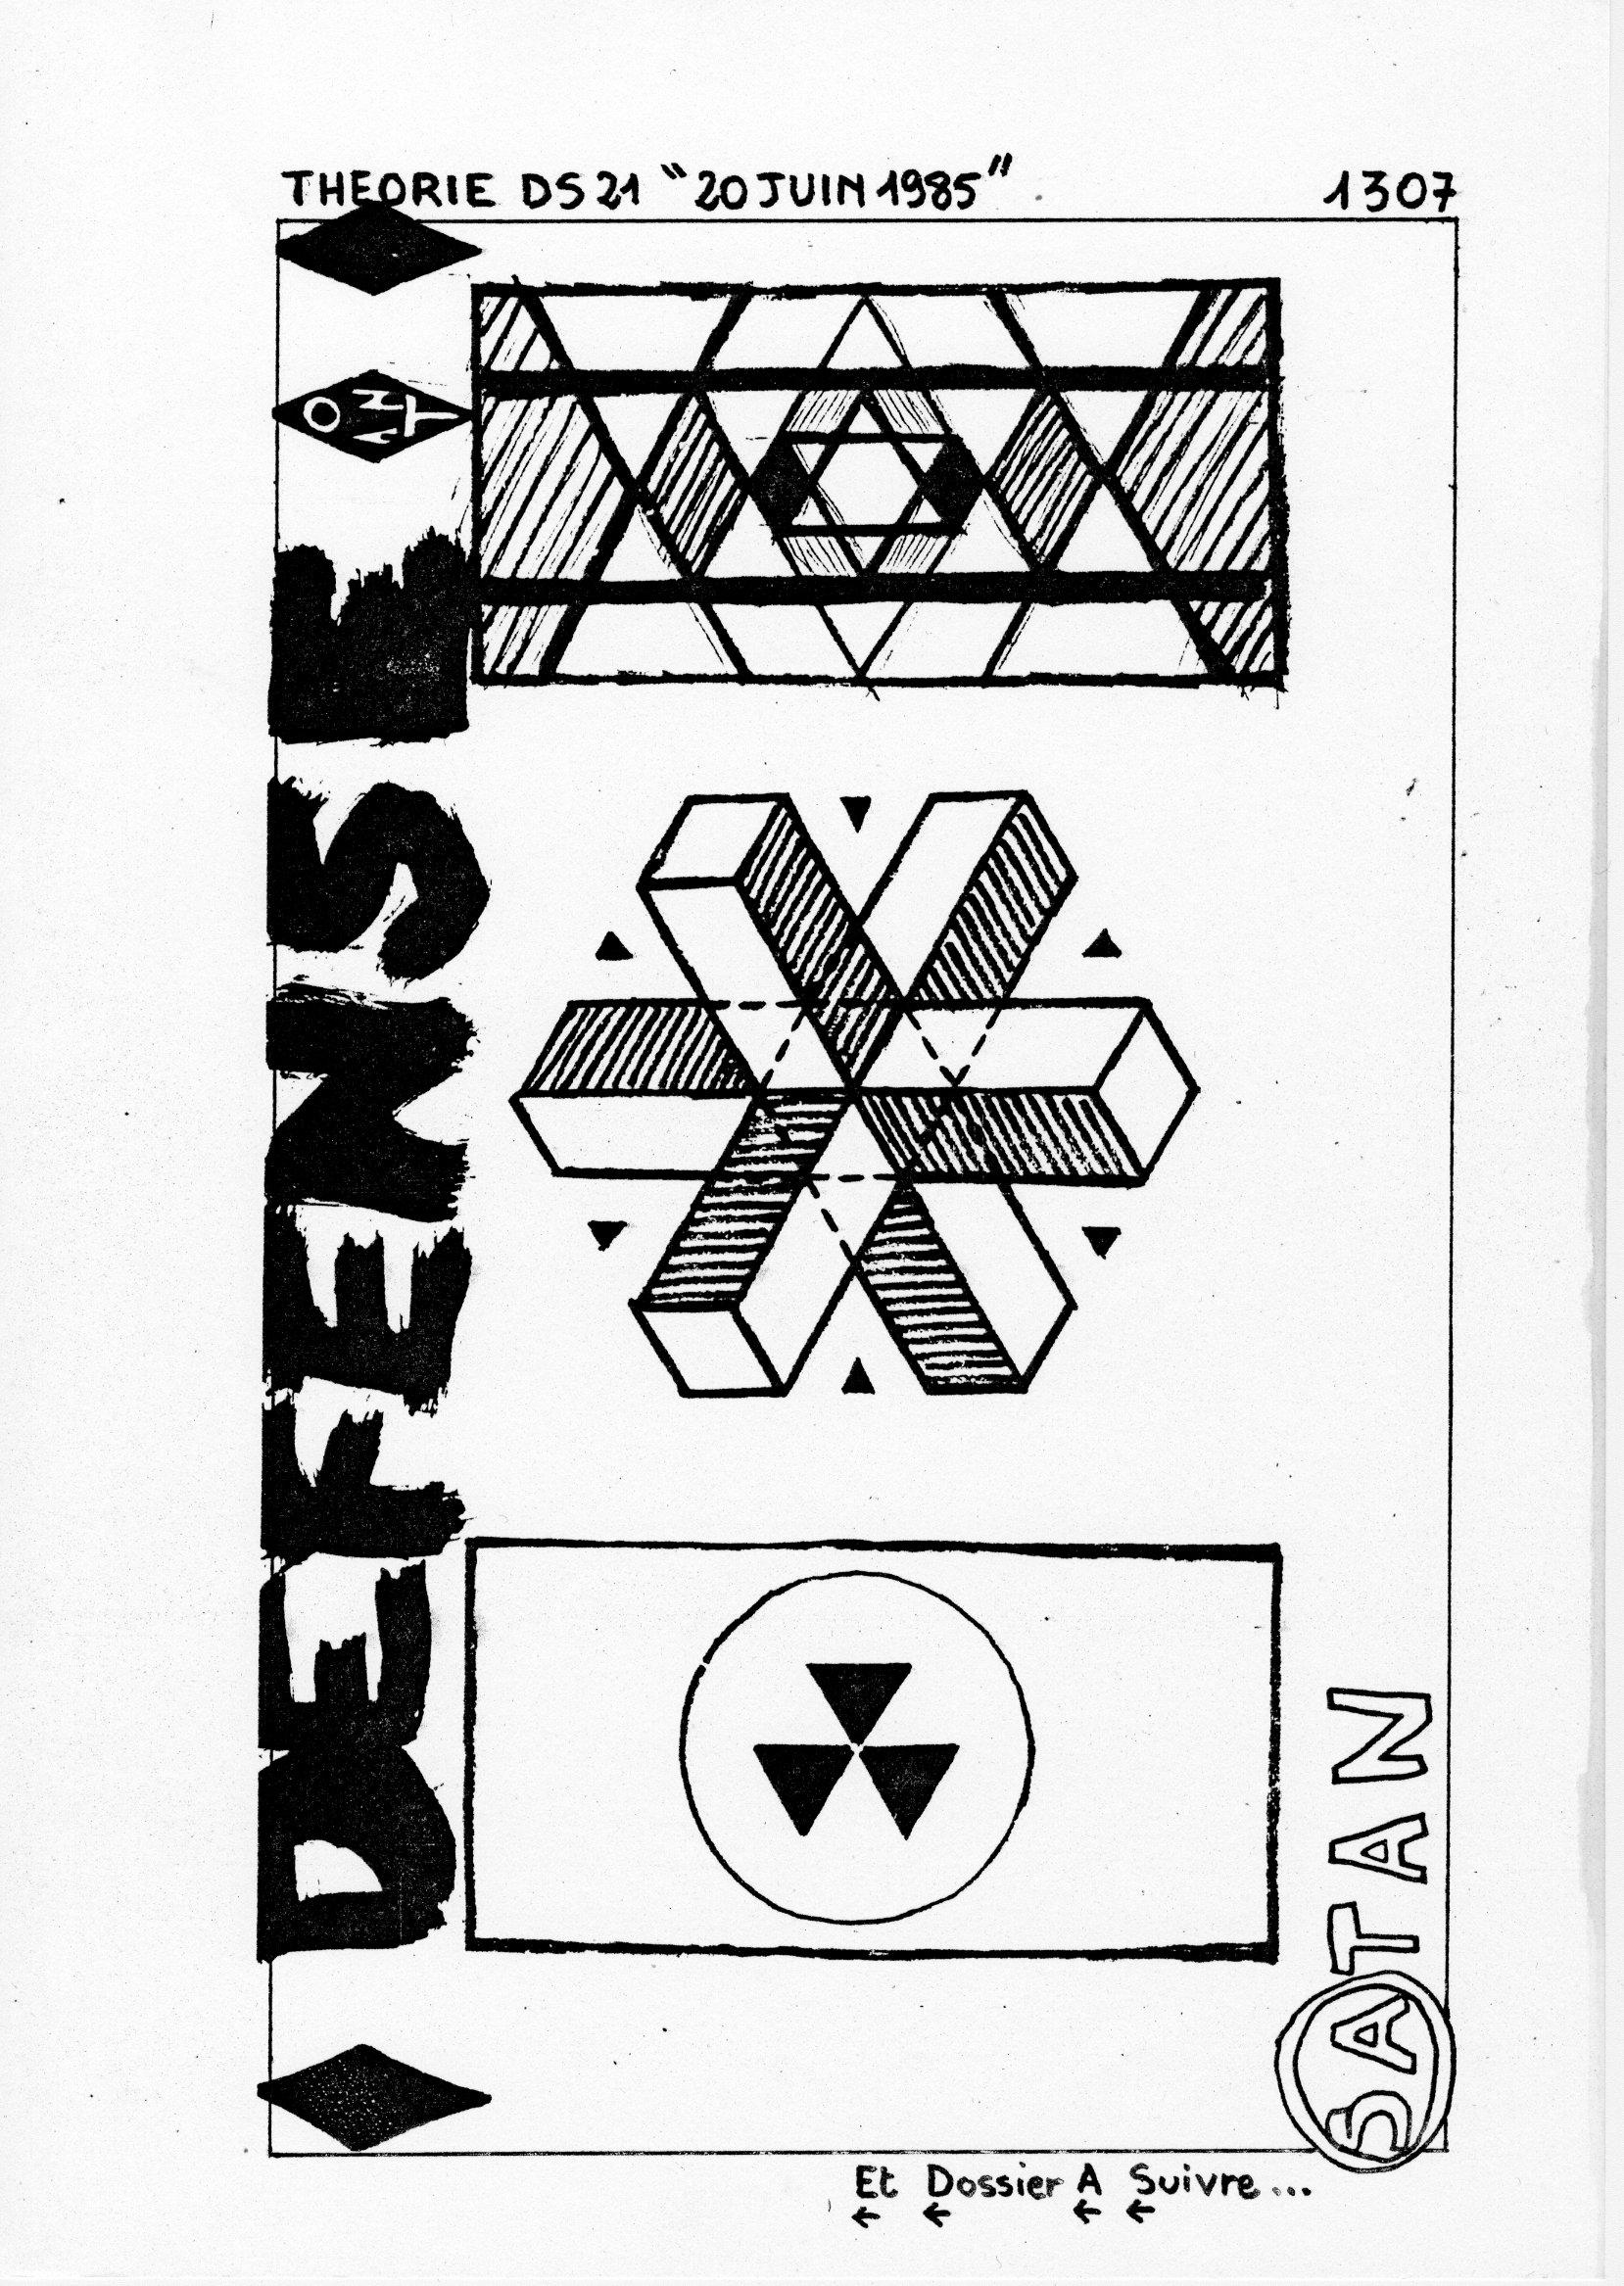 page 1307 Théorie D.S. 21 20 JUIN 1985